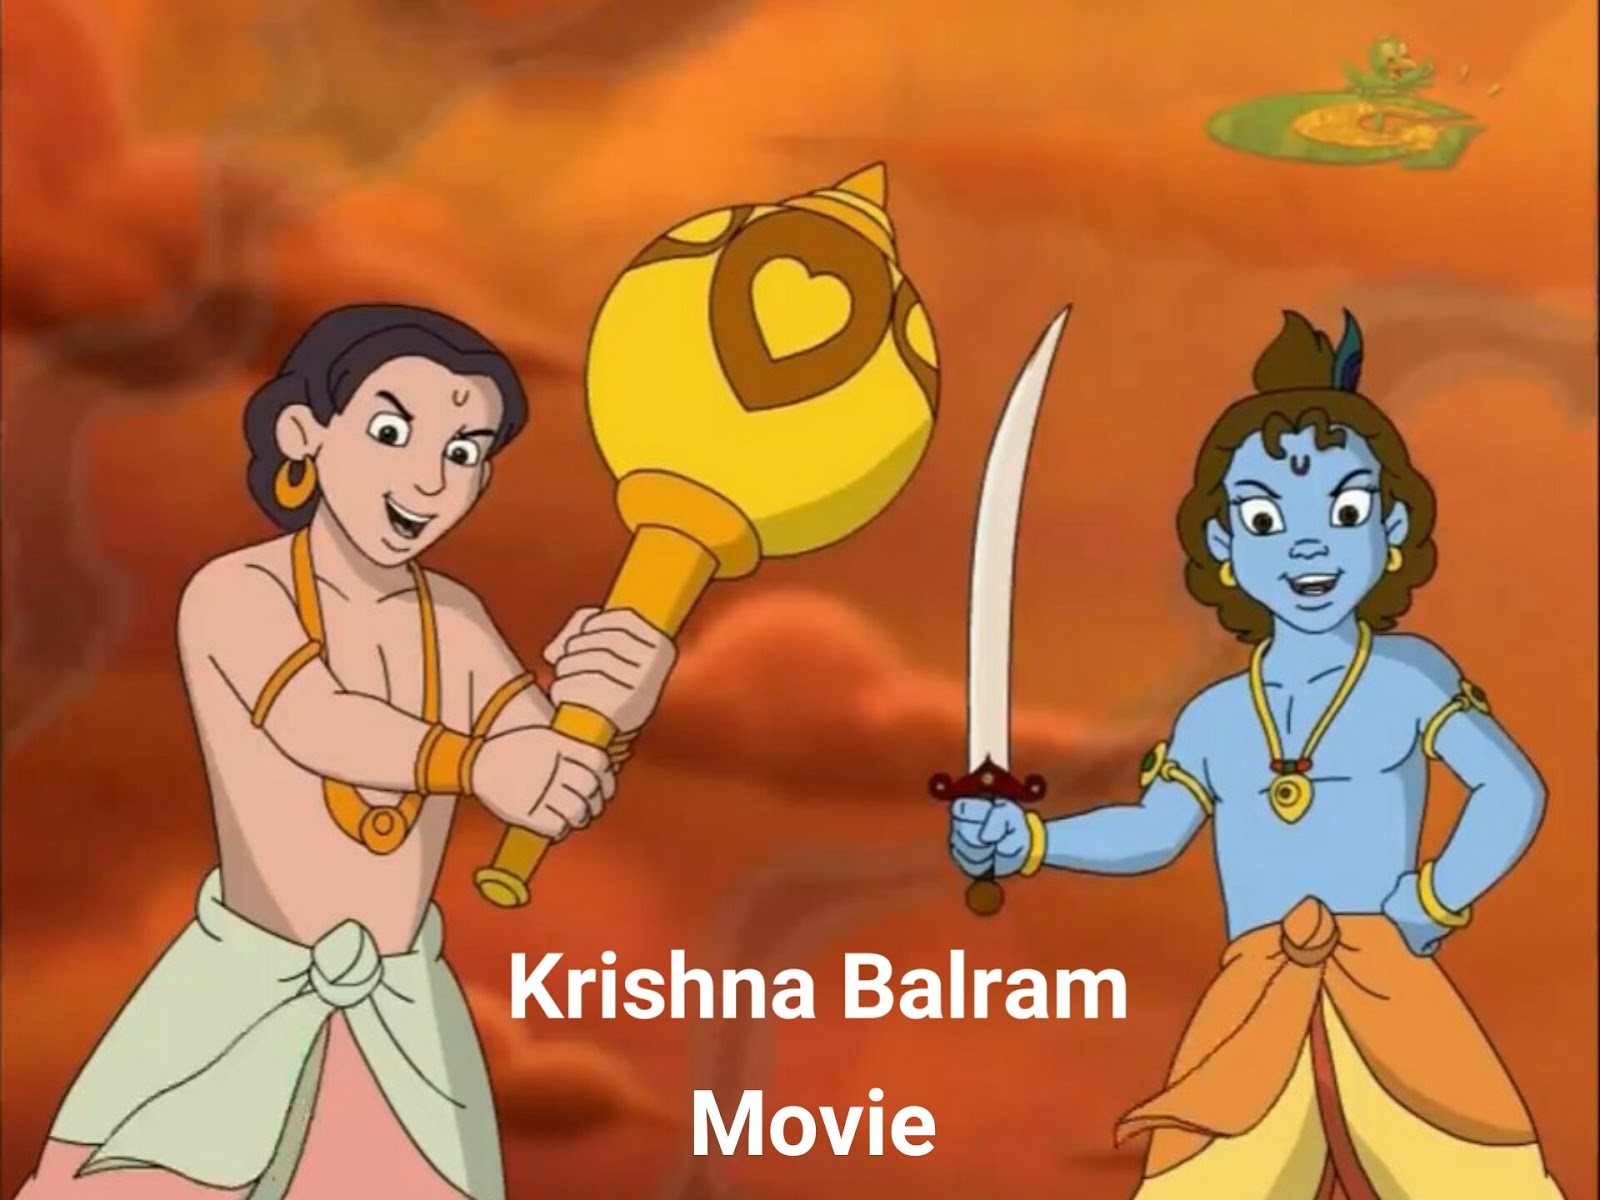 KRISHNA ANIMATION MOVIE - ANIMATION MOVIES & SERIES